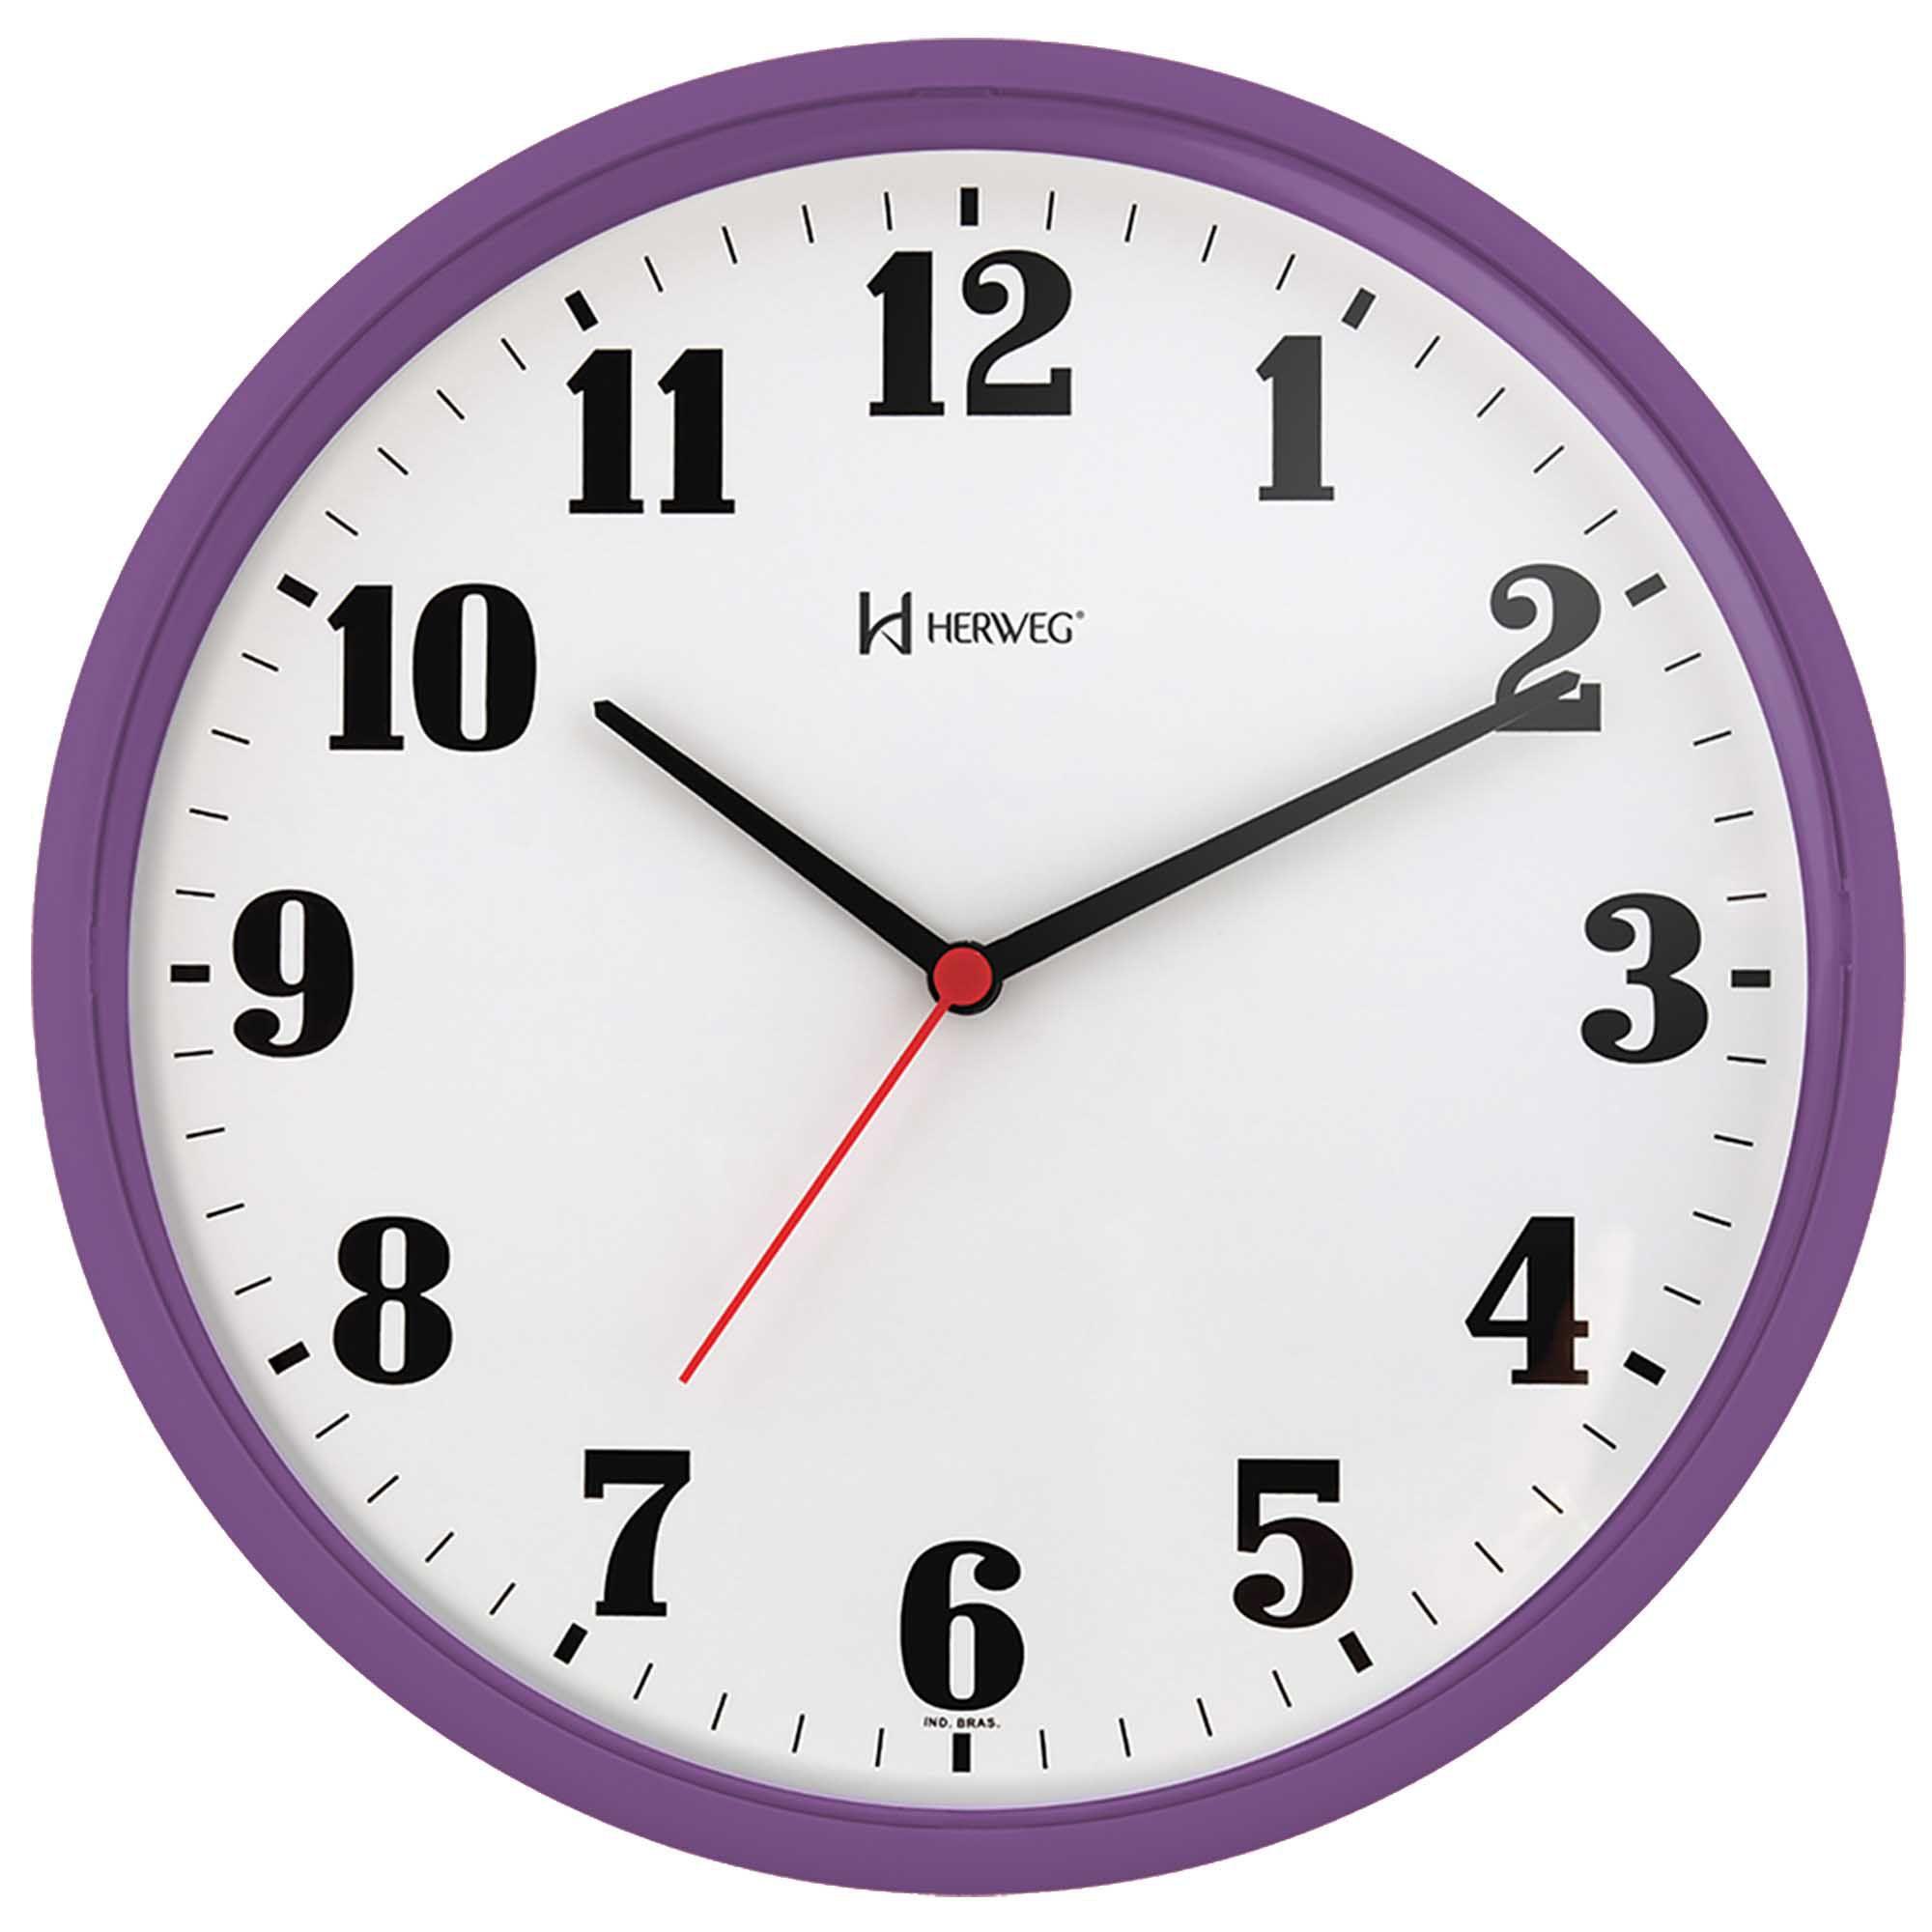 Relógio de Parede Analógico Herweg 6126 282 Violeta